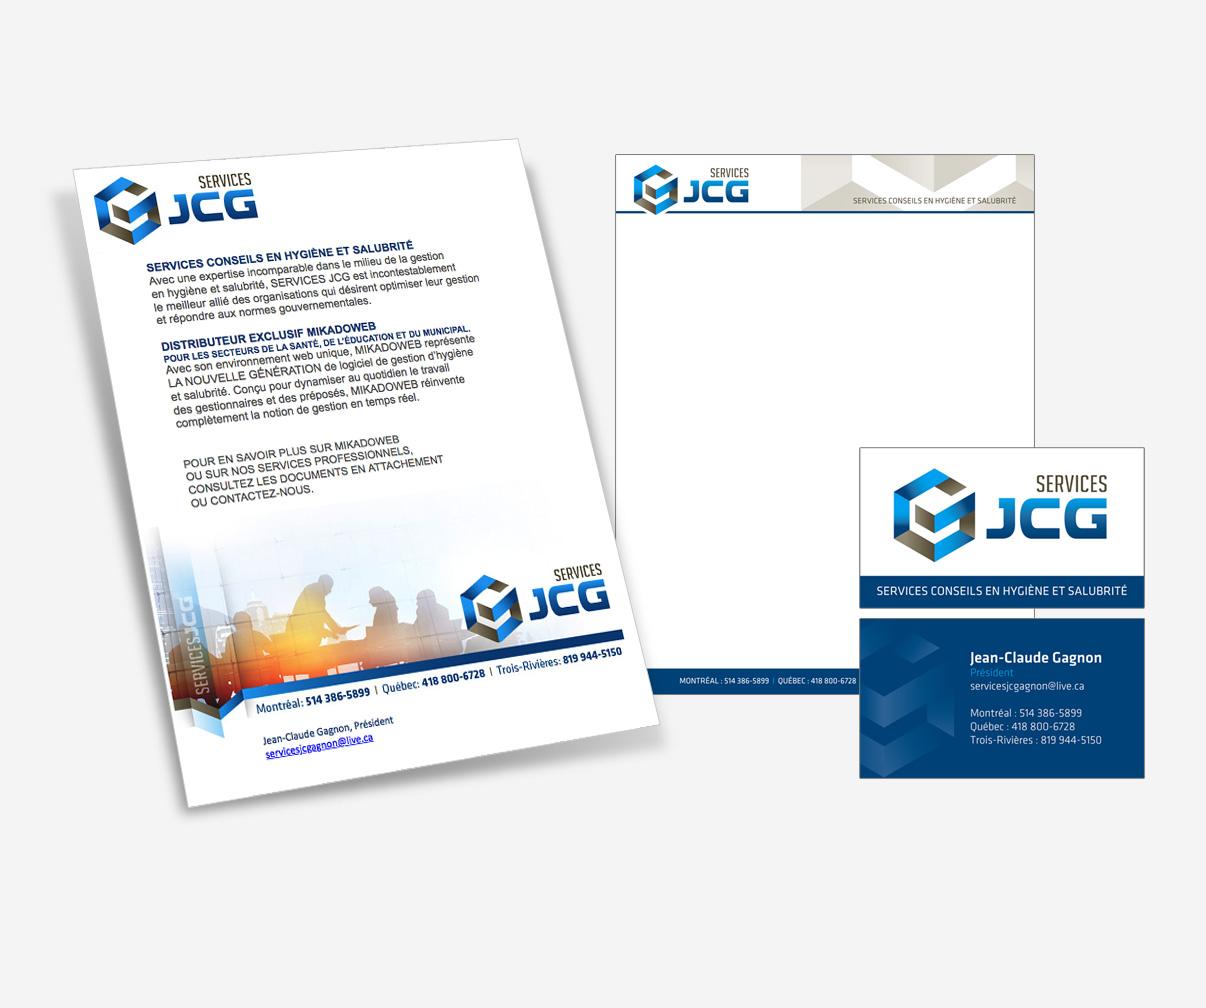 Services JCG - Envoi courriel et papeterie